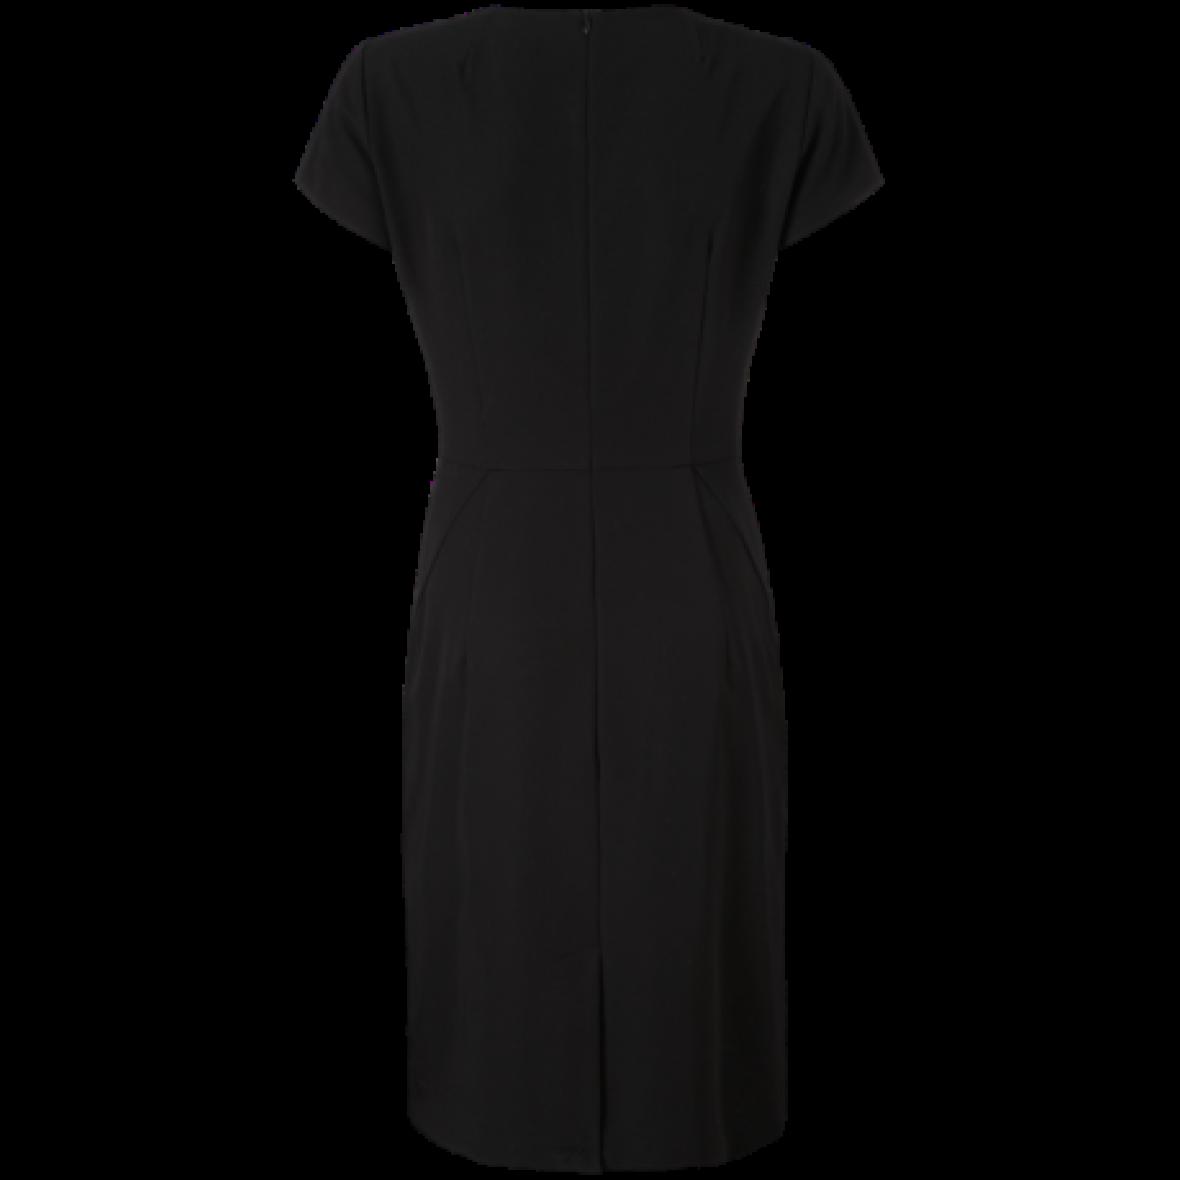 15029823d0a4 Levering Inwear Tøj Hurtig Køb Online USHnF